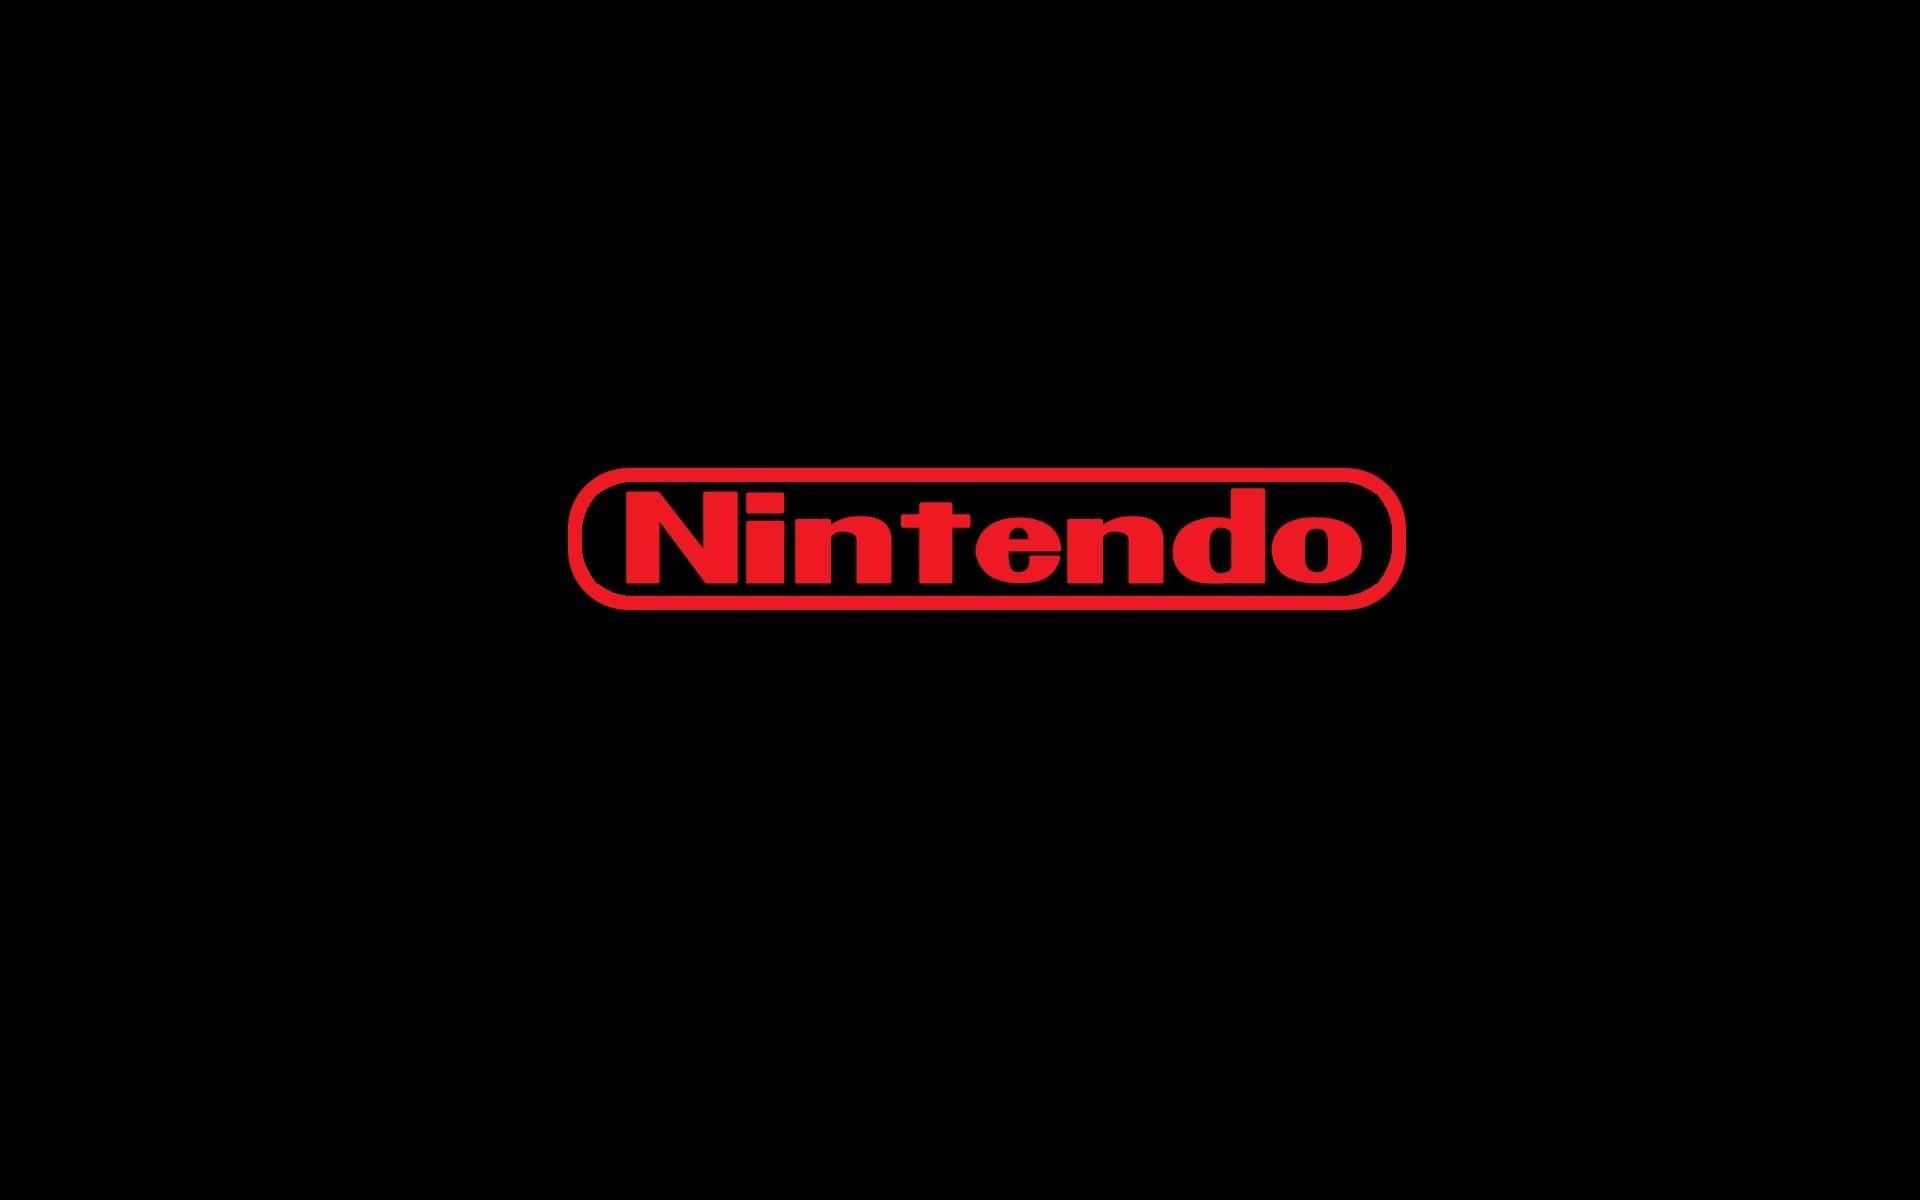 … Wallpaper Iphone Nintendo 40. Download